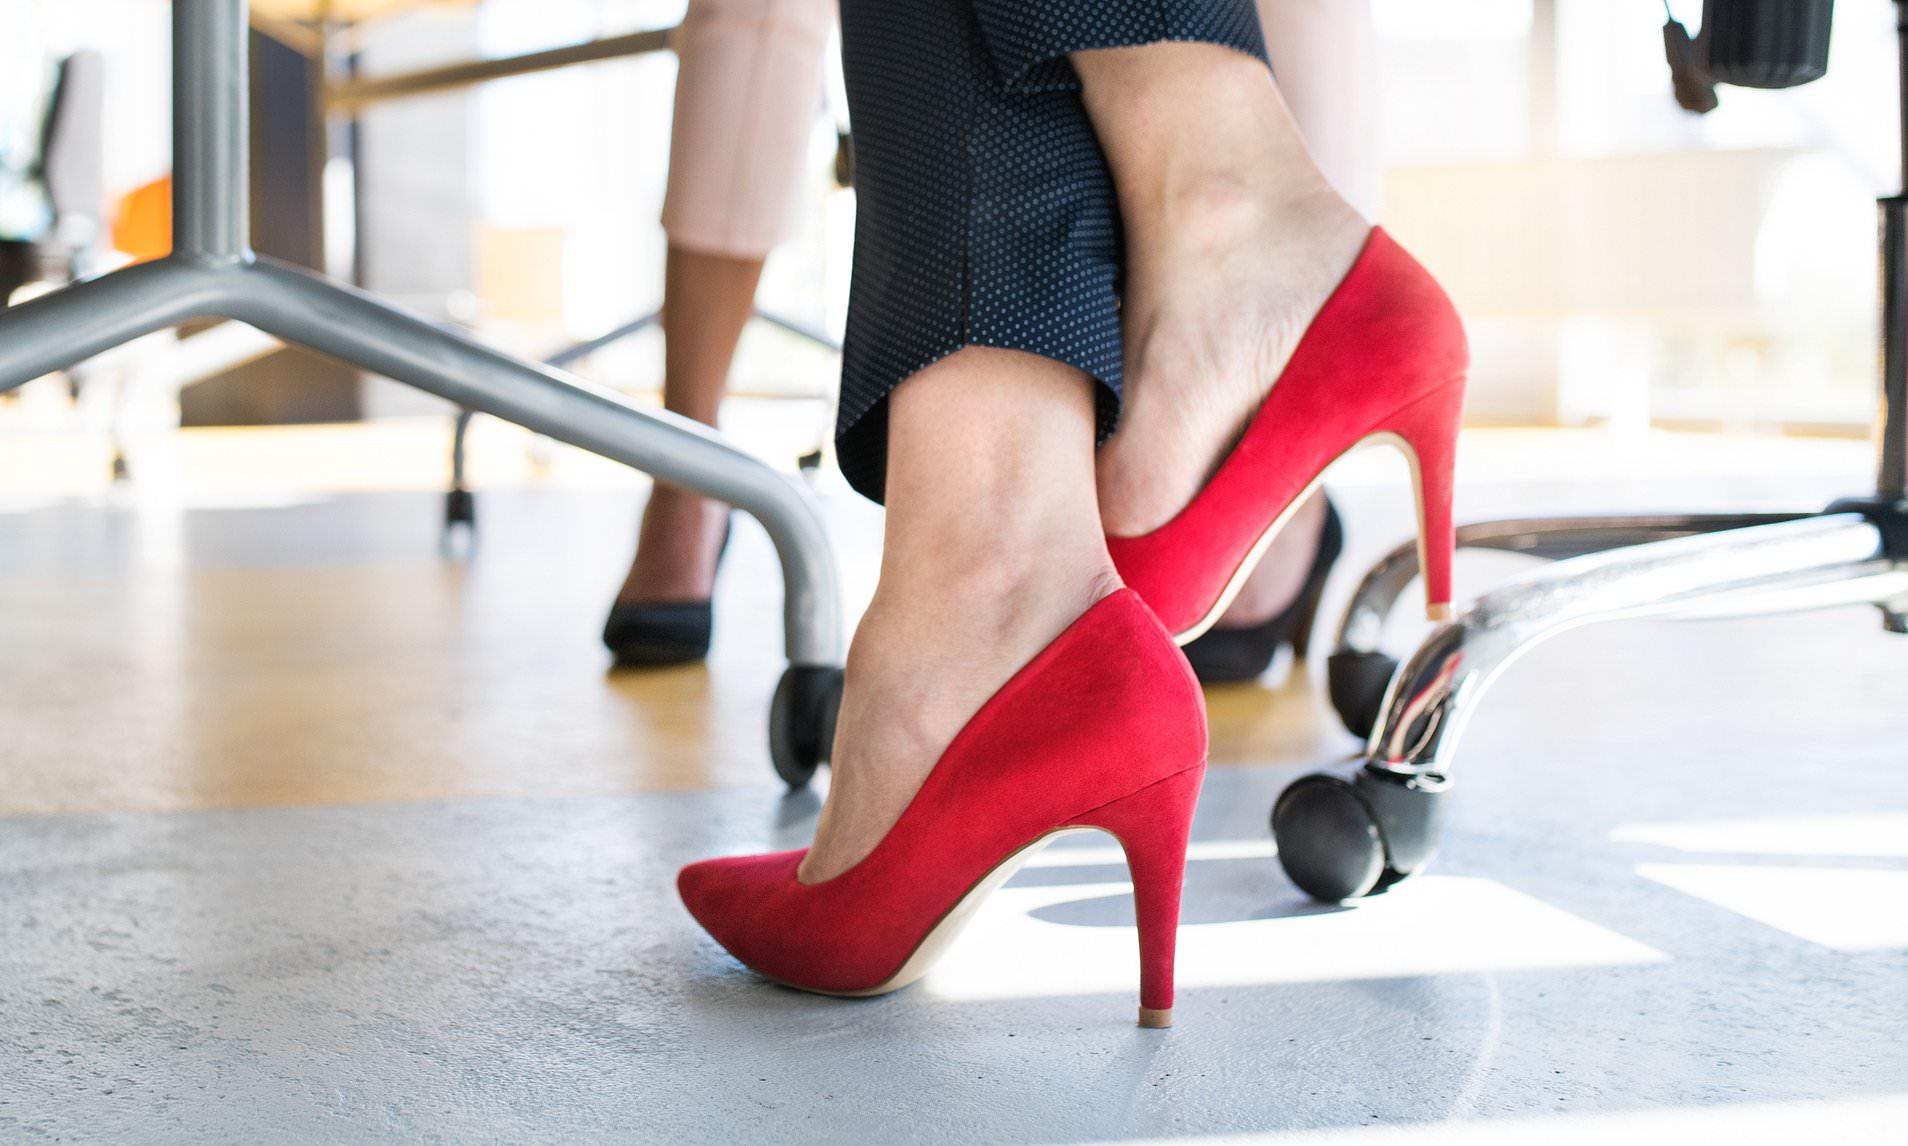 Кои са най-впечатляващите модели обувки от новите колекции